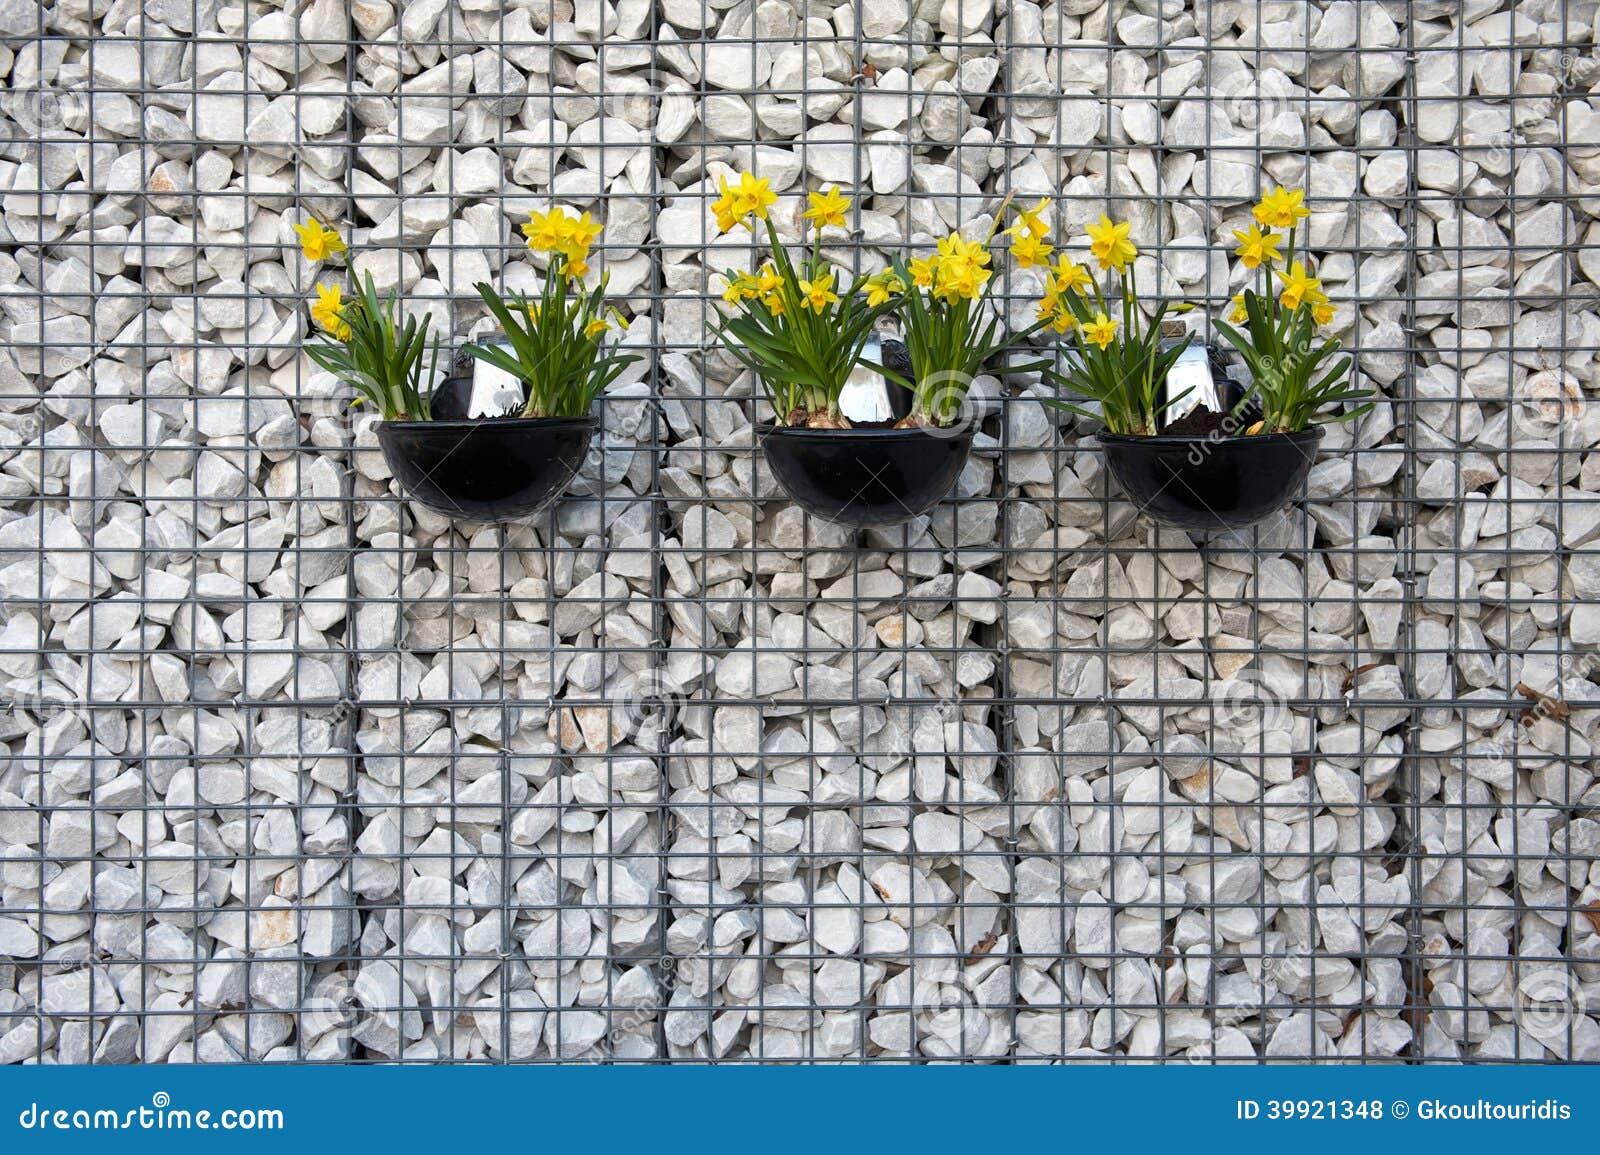 Drie potten met gele narcissen die op de witte muur hangen stock foto afbeelding 39921348 - Binnenkleuren met witte muur ...